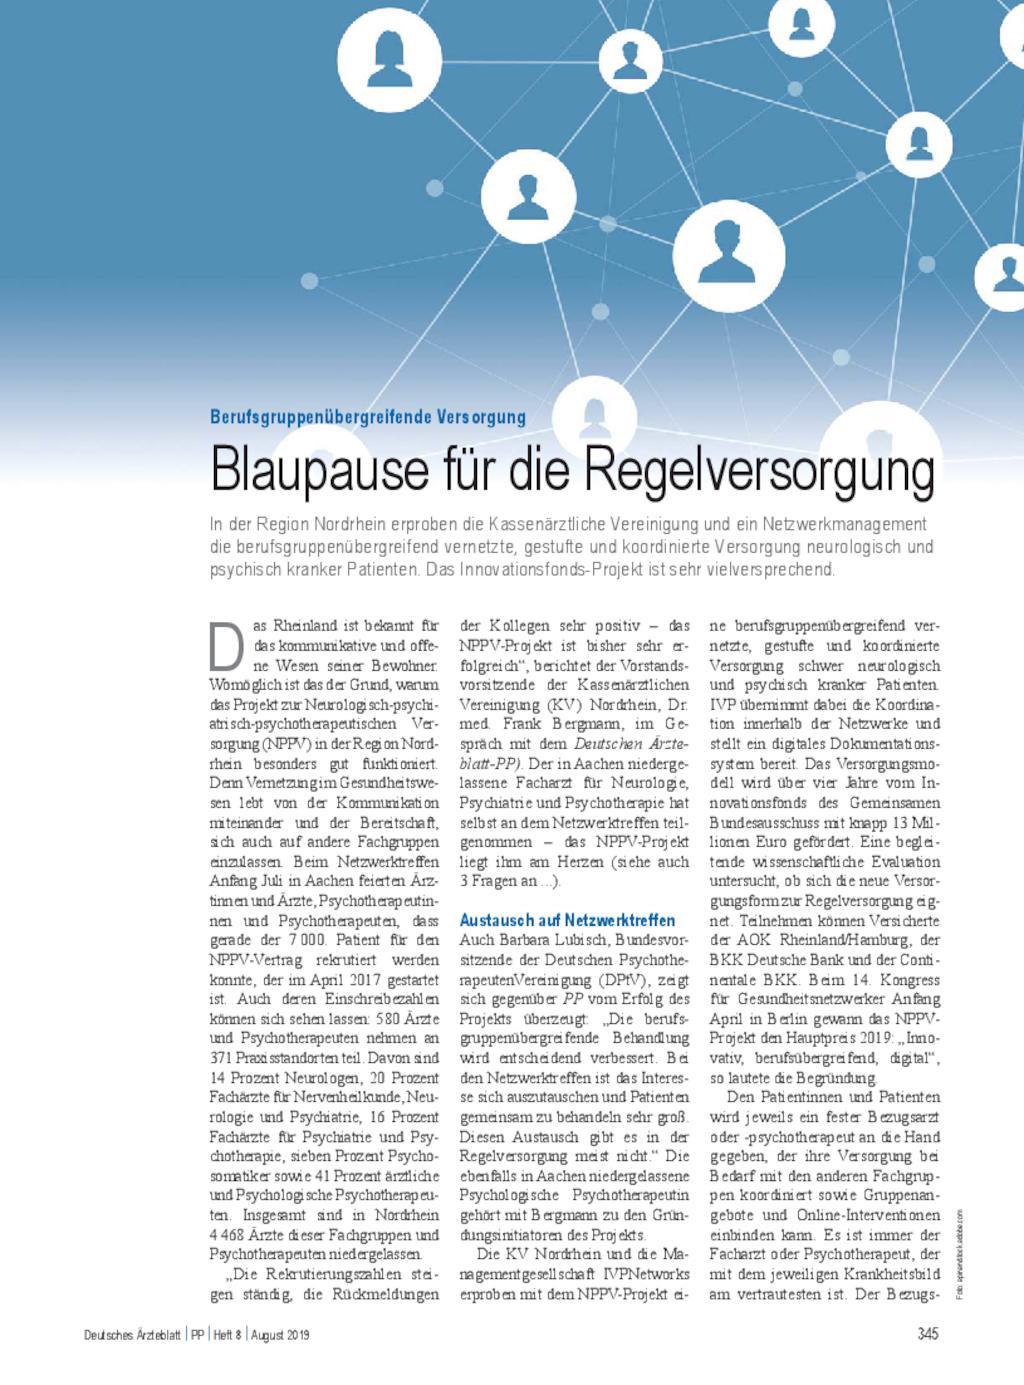 Berufsgruppenübergreifende Versorgung: Blaupause für die Regelversorgung